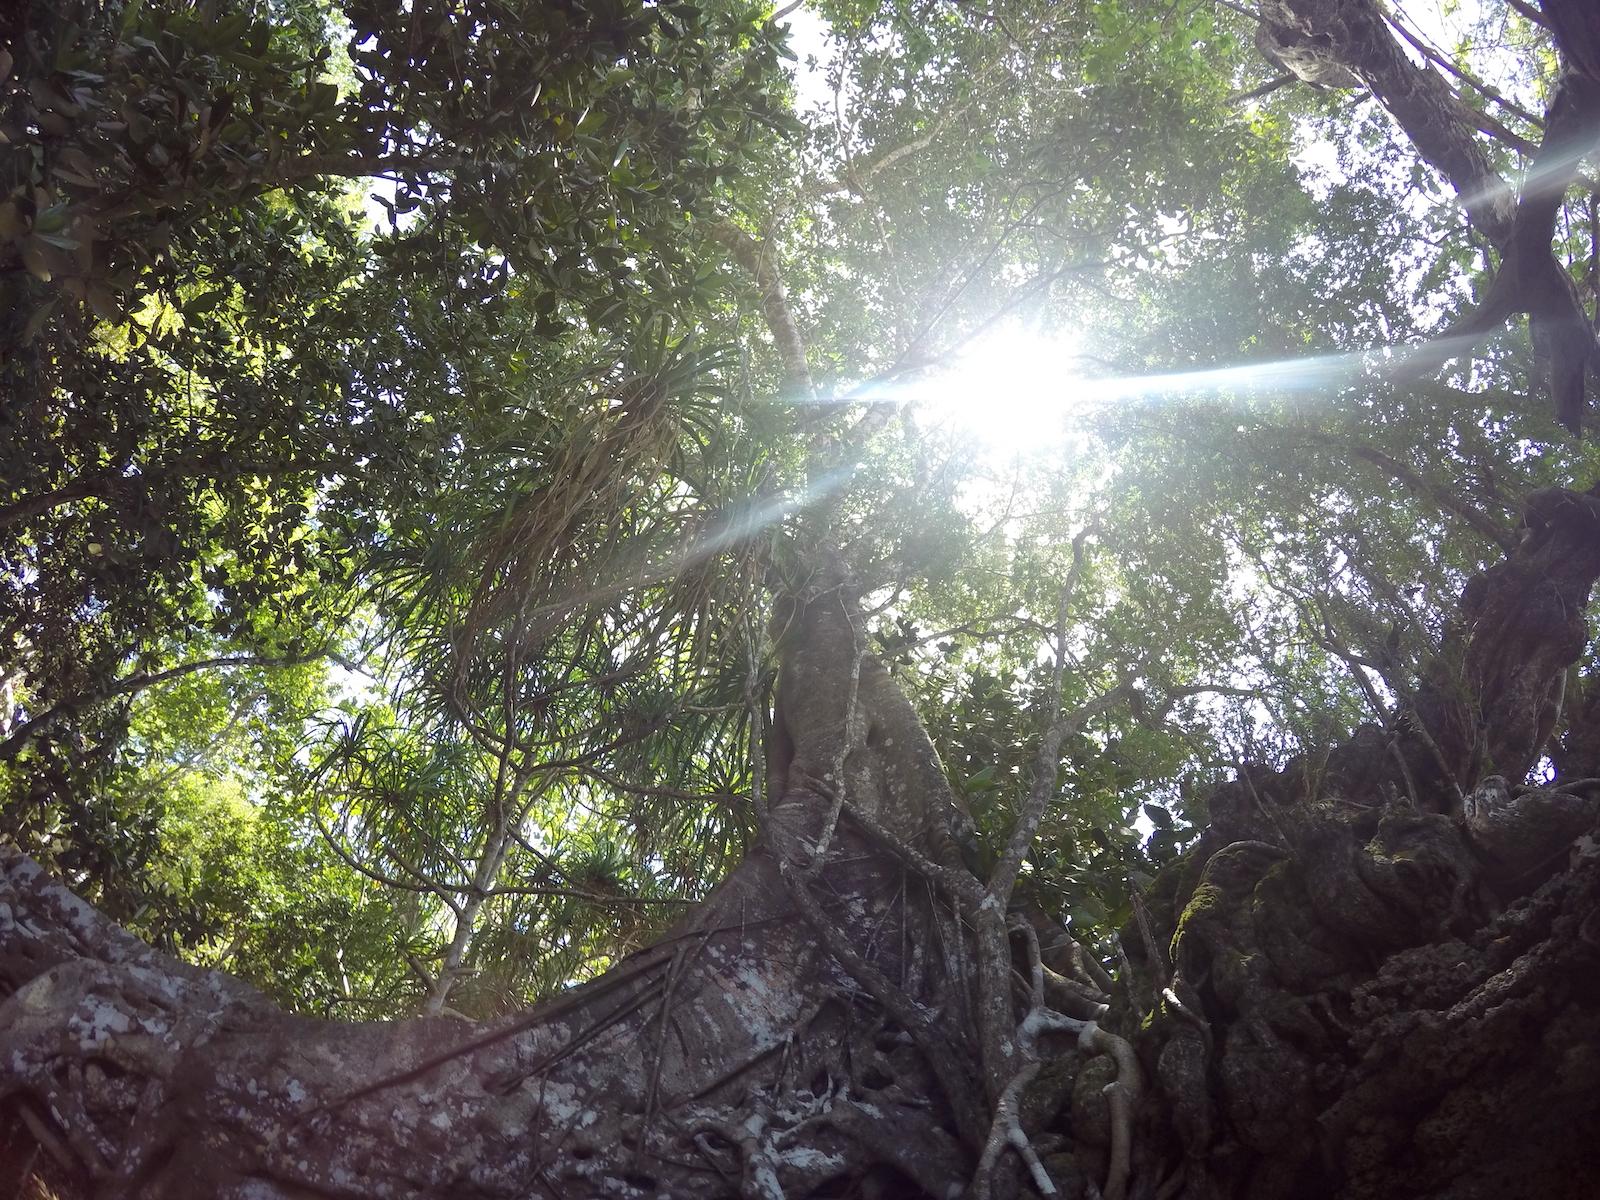 nachhaltigkeit-umweltbewusst-tipps-reisen-tourameo